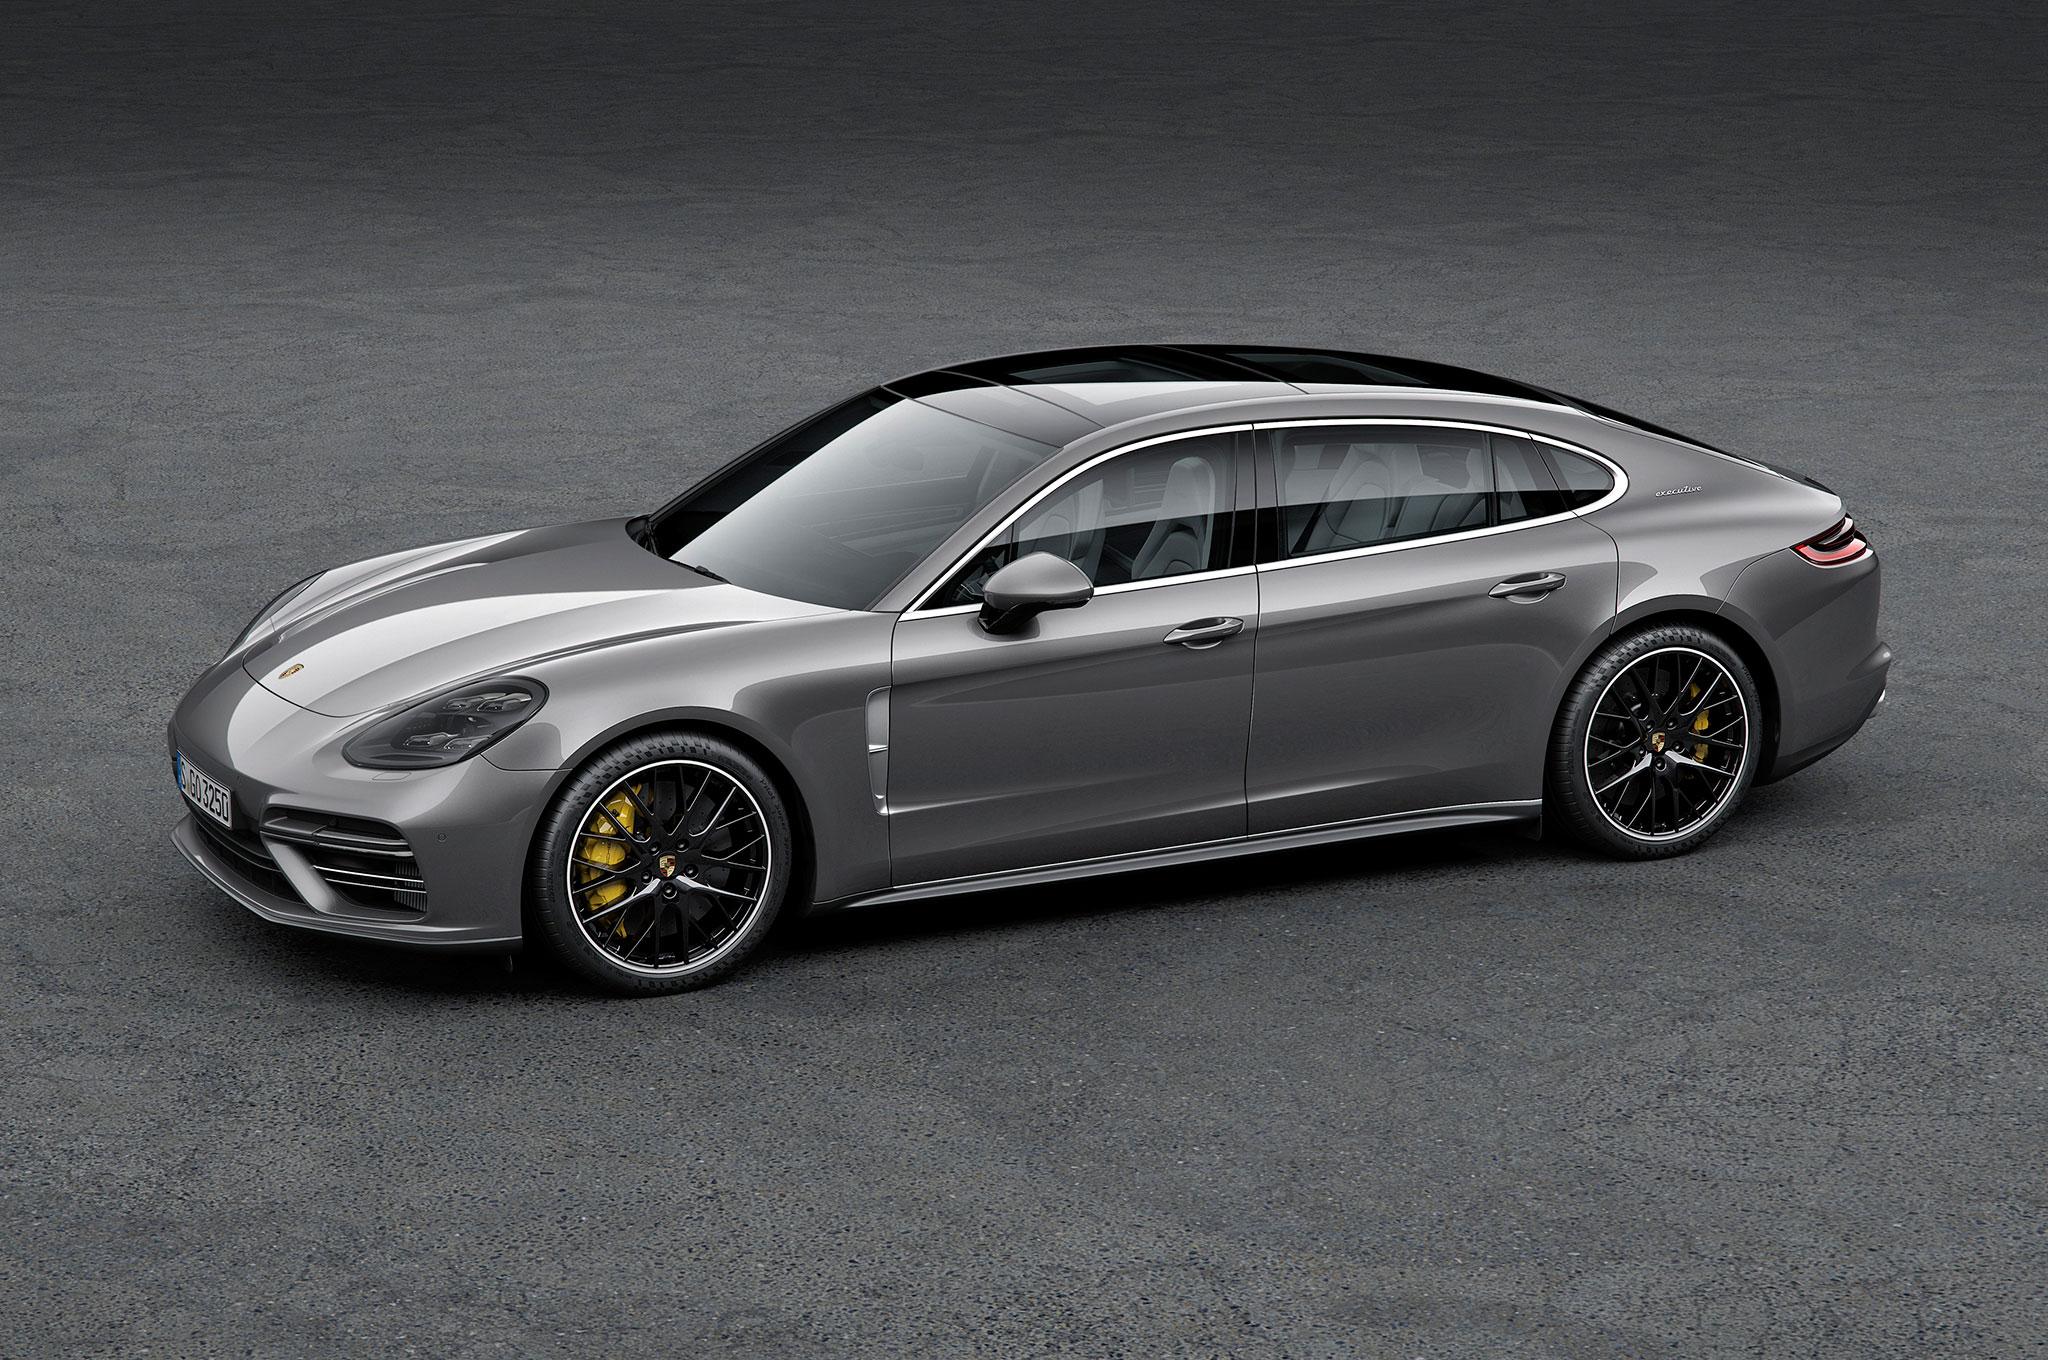 2017 Porsche Panamera Gains Long Wheelbase Executive Variants